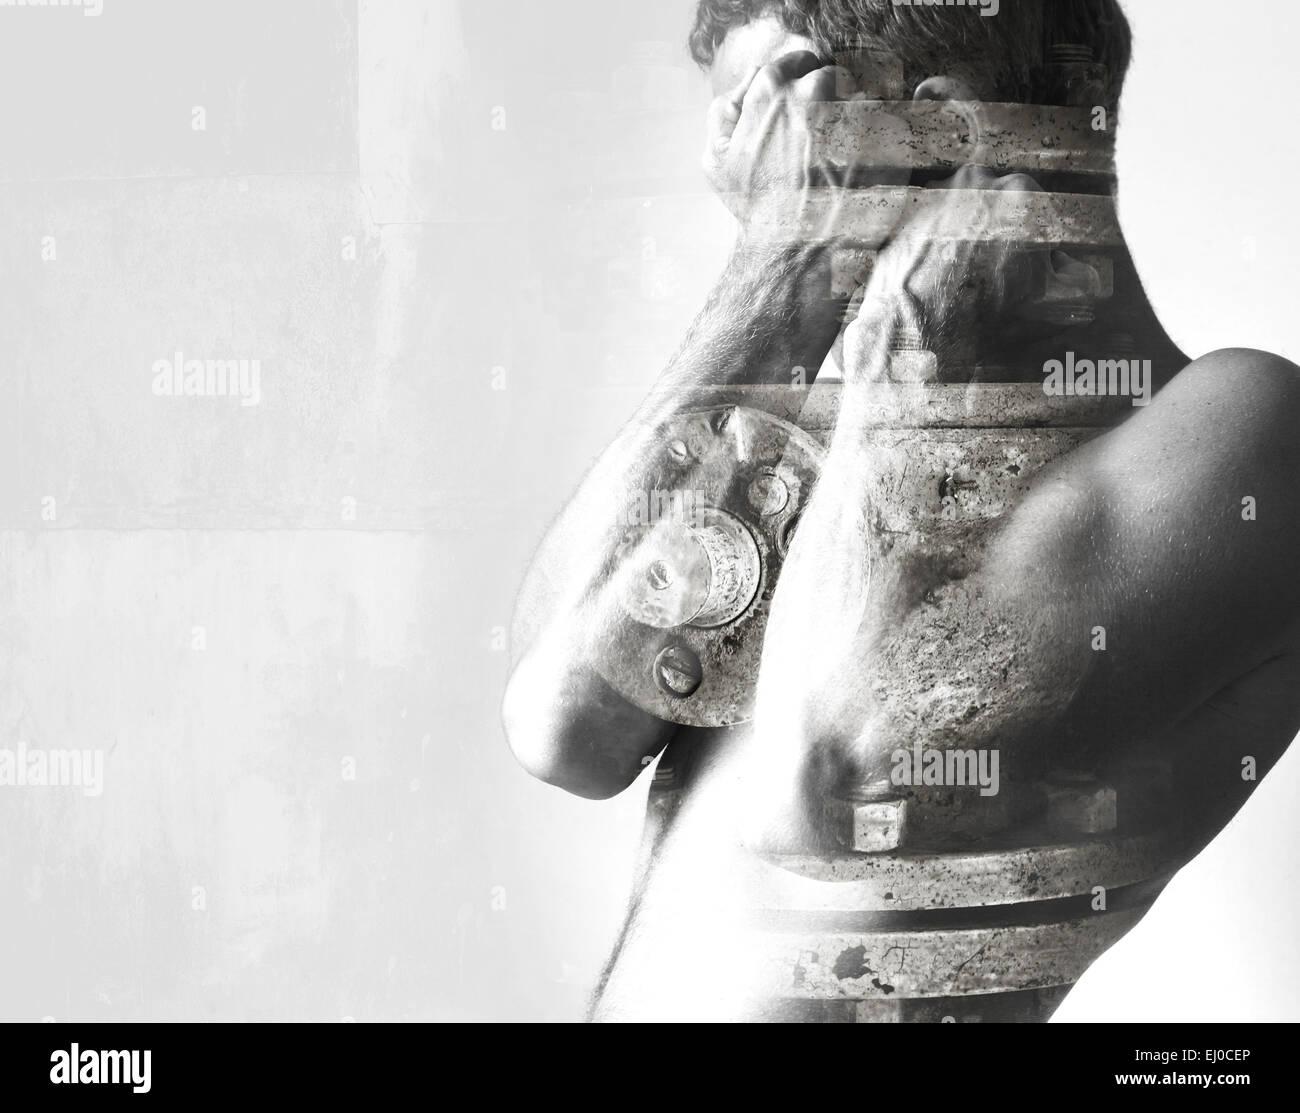 Doble exposición conceptual abstracto photo collage, el hombre se esconde detrás de su fuerte bloqueo Imagen De Stock